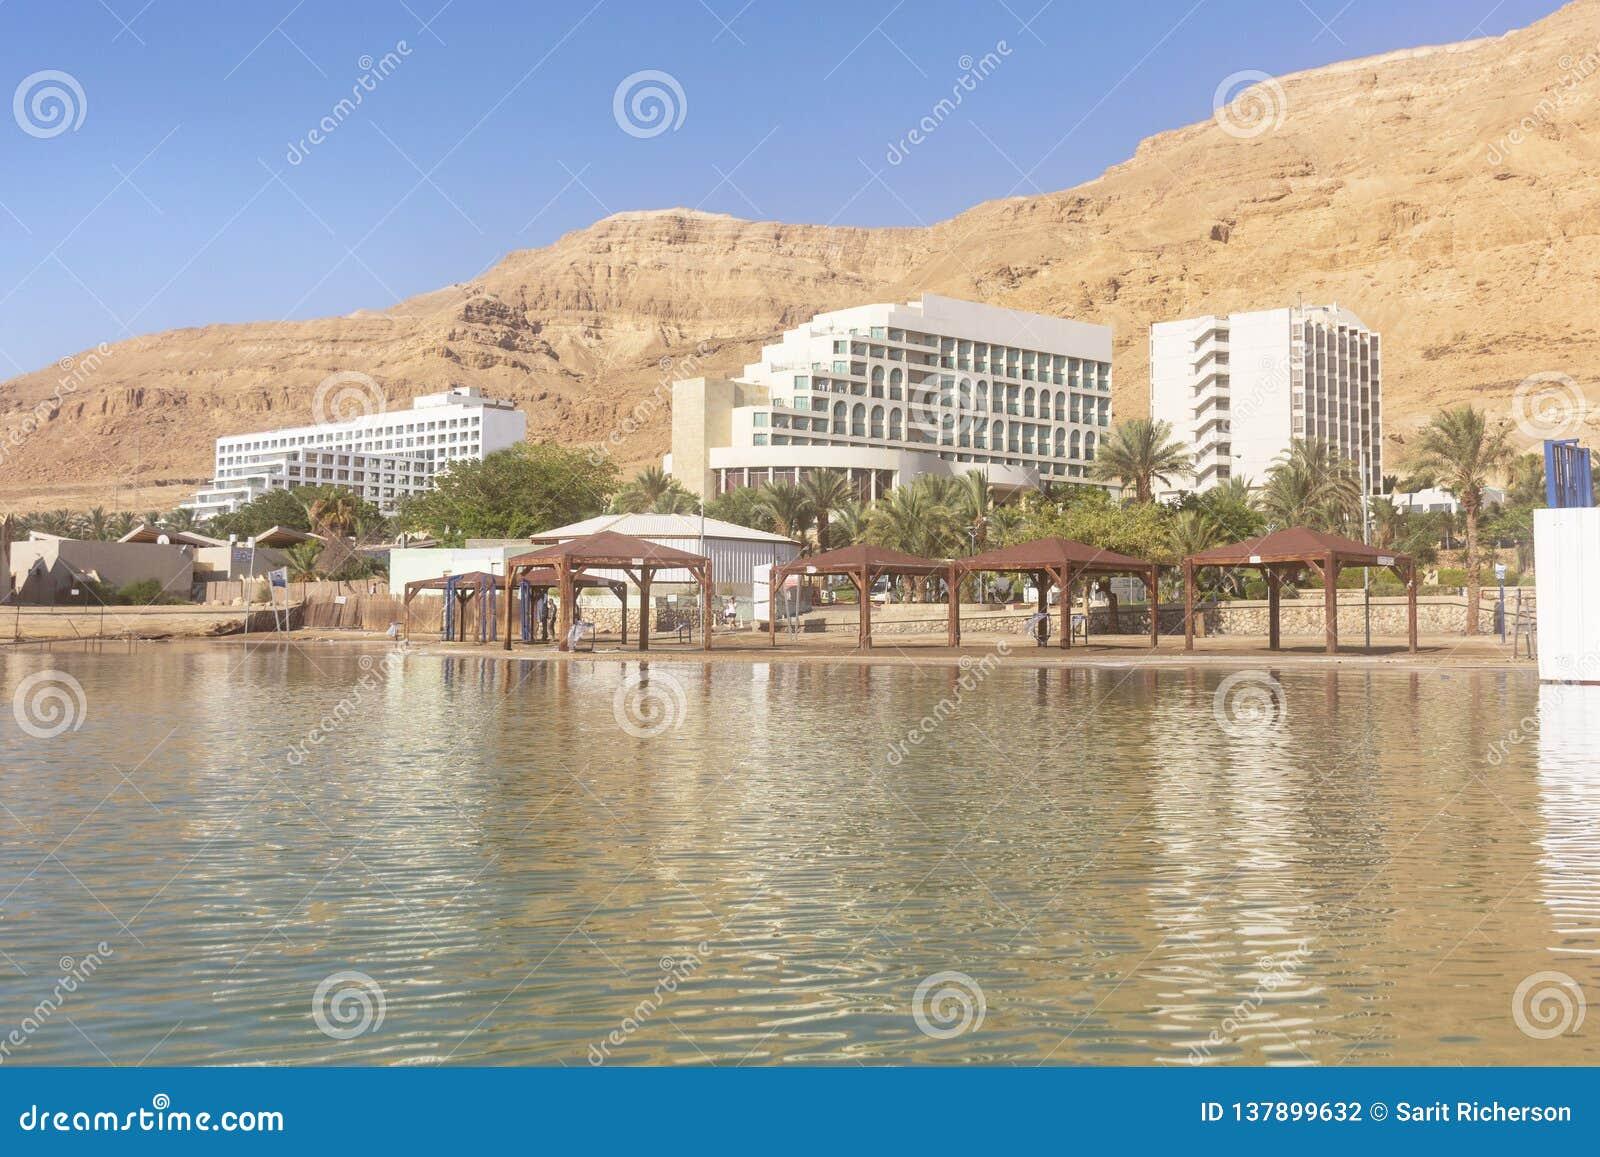 Plage et hôtels de tourisme de mer morte dans Ein Bokek